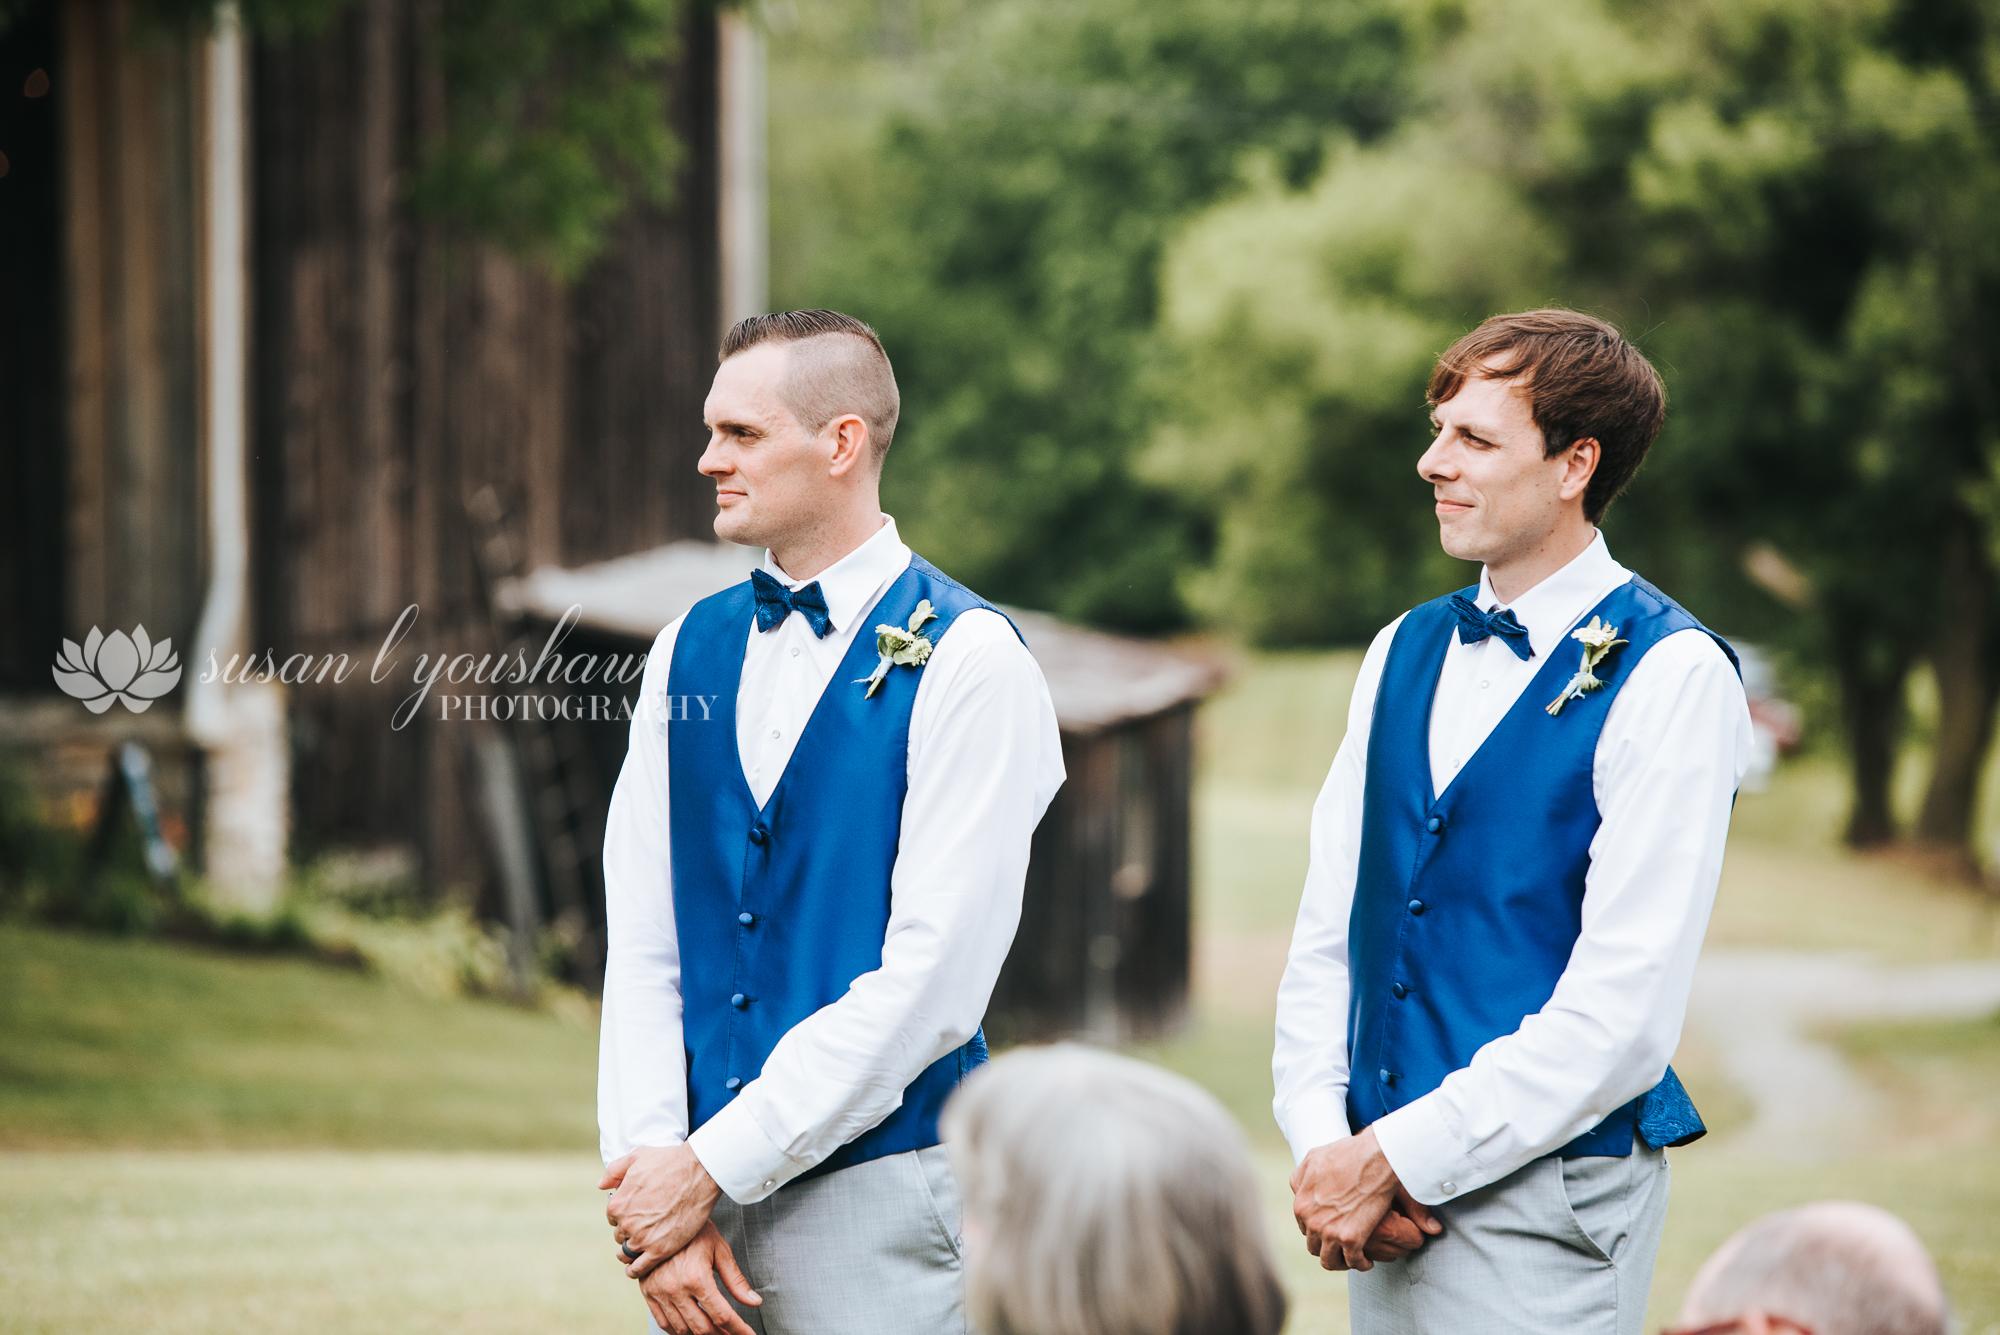 Erin and Jason Wedding Photos 07-06-2019 SLY Photography-98.jpg